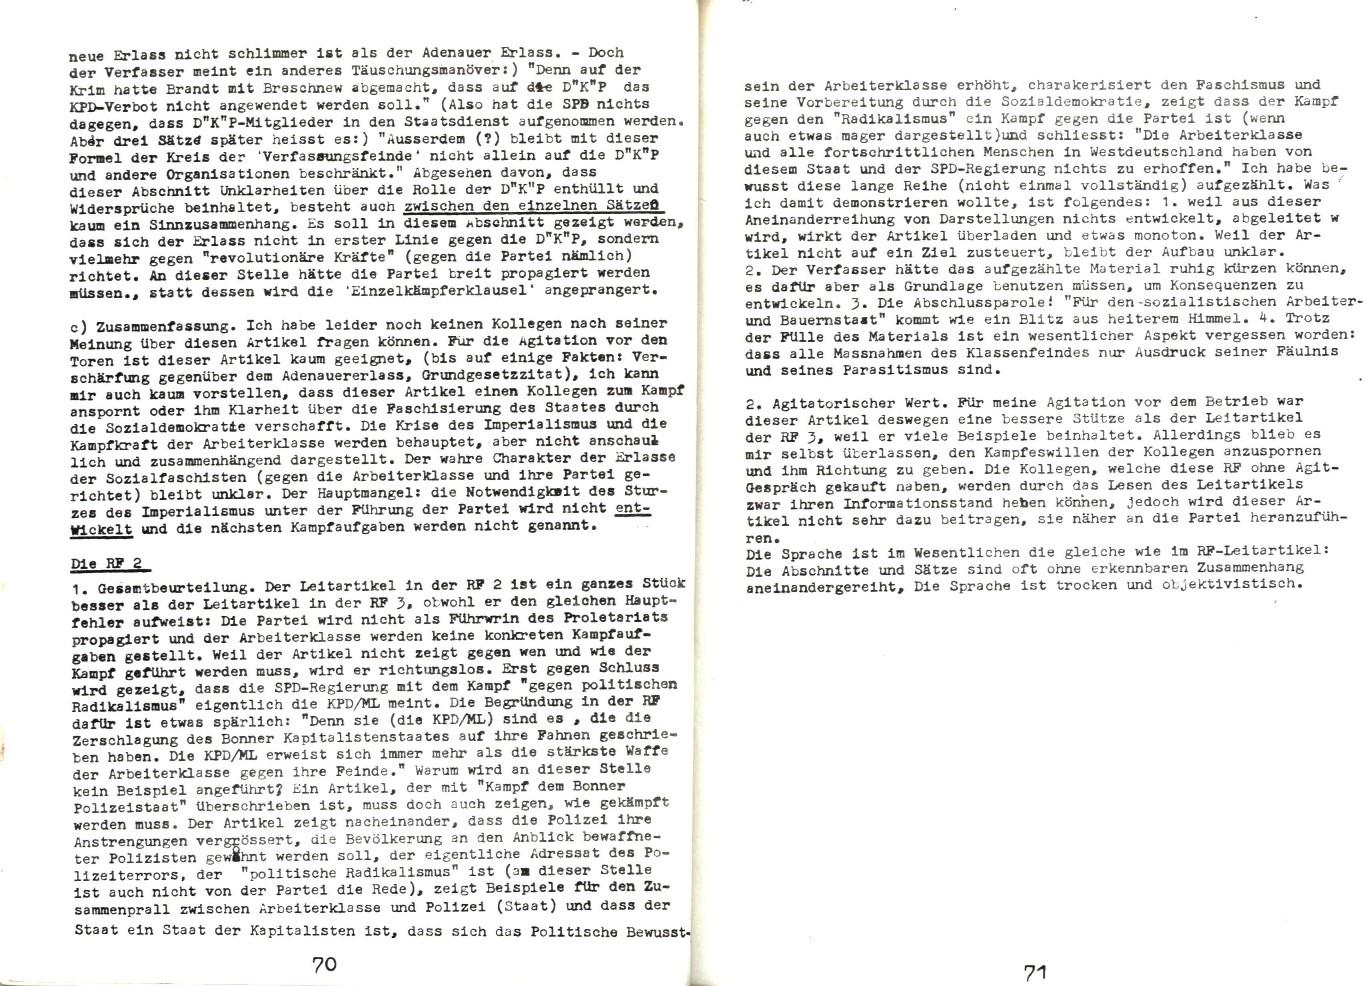 NRW_KPDML_Der_Bolschewist_1972_04_37